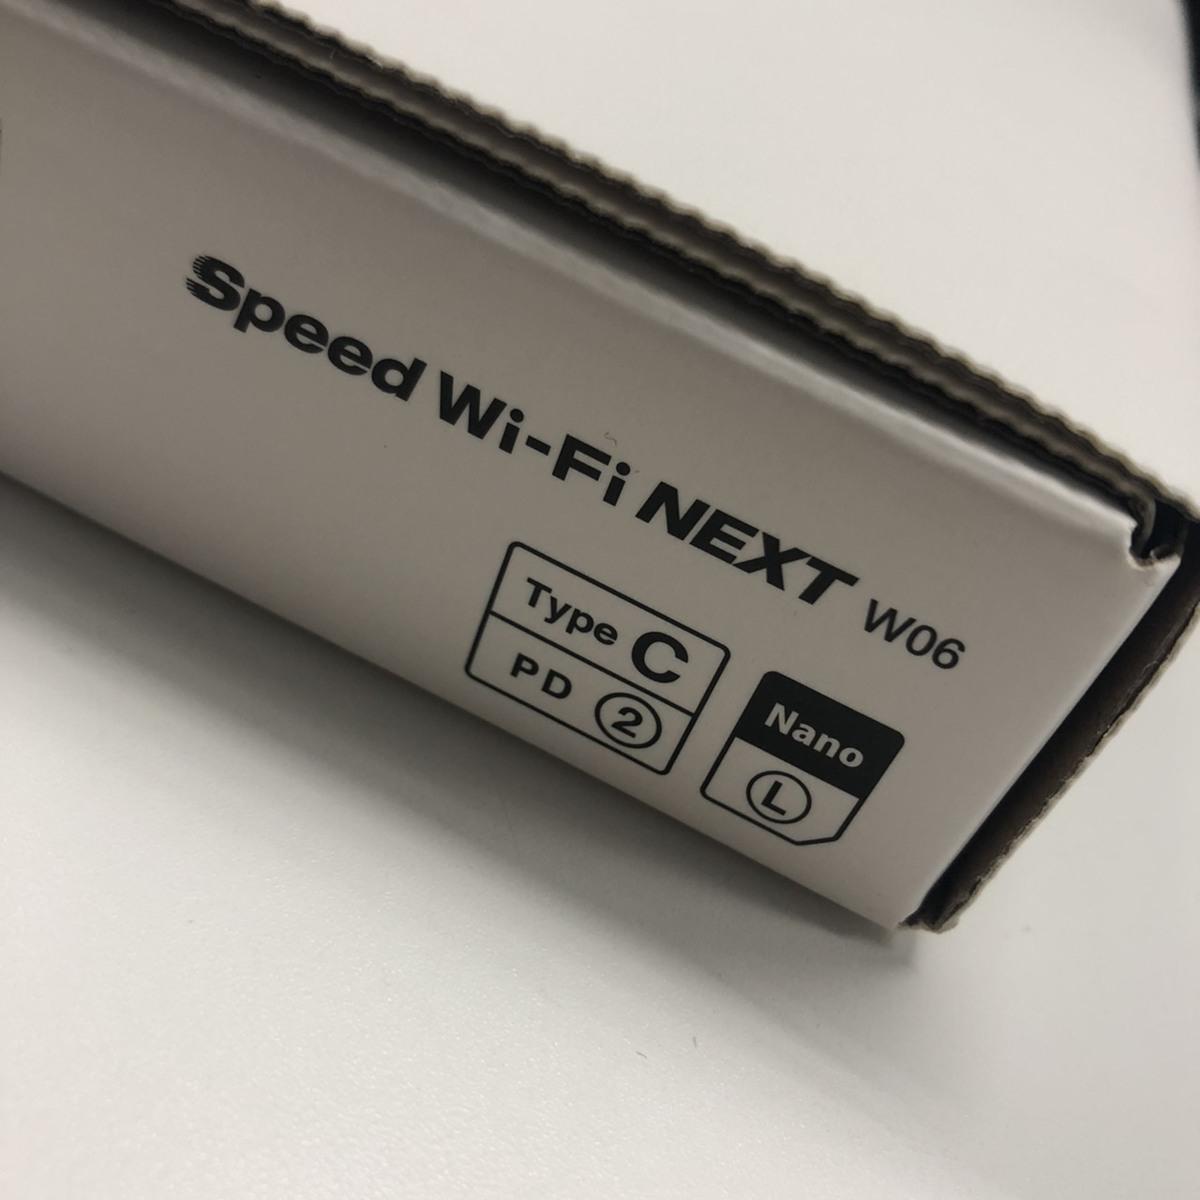 新品未使用品☆赤ロム保証☆au/エーユー speed Wi-Fi NEXT W06 HWD37SKA ブラック×ブルー_画像6